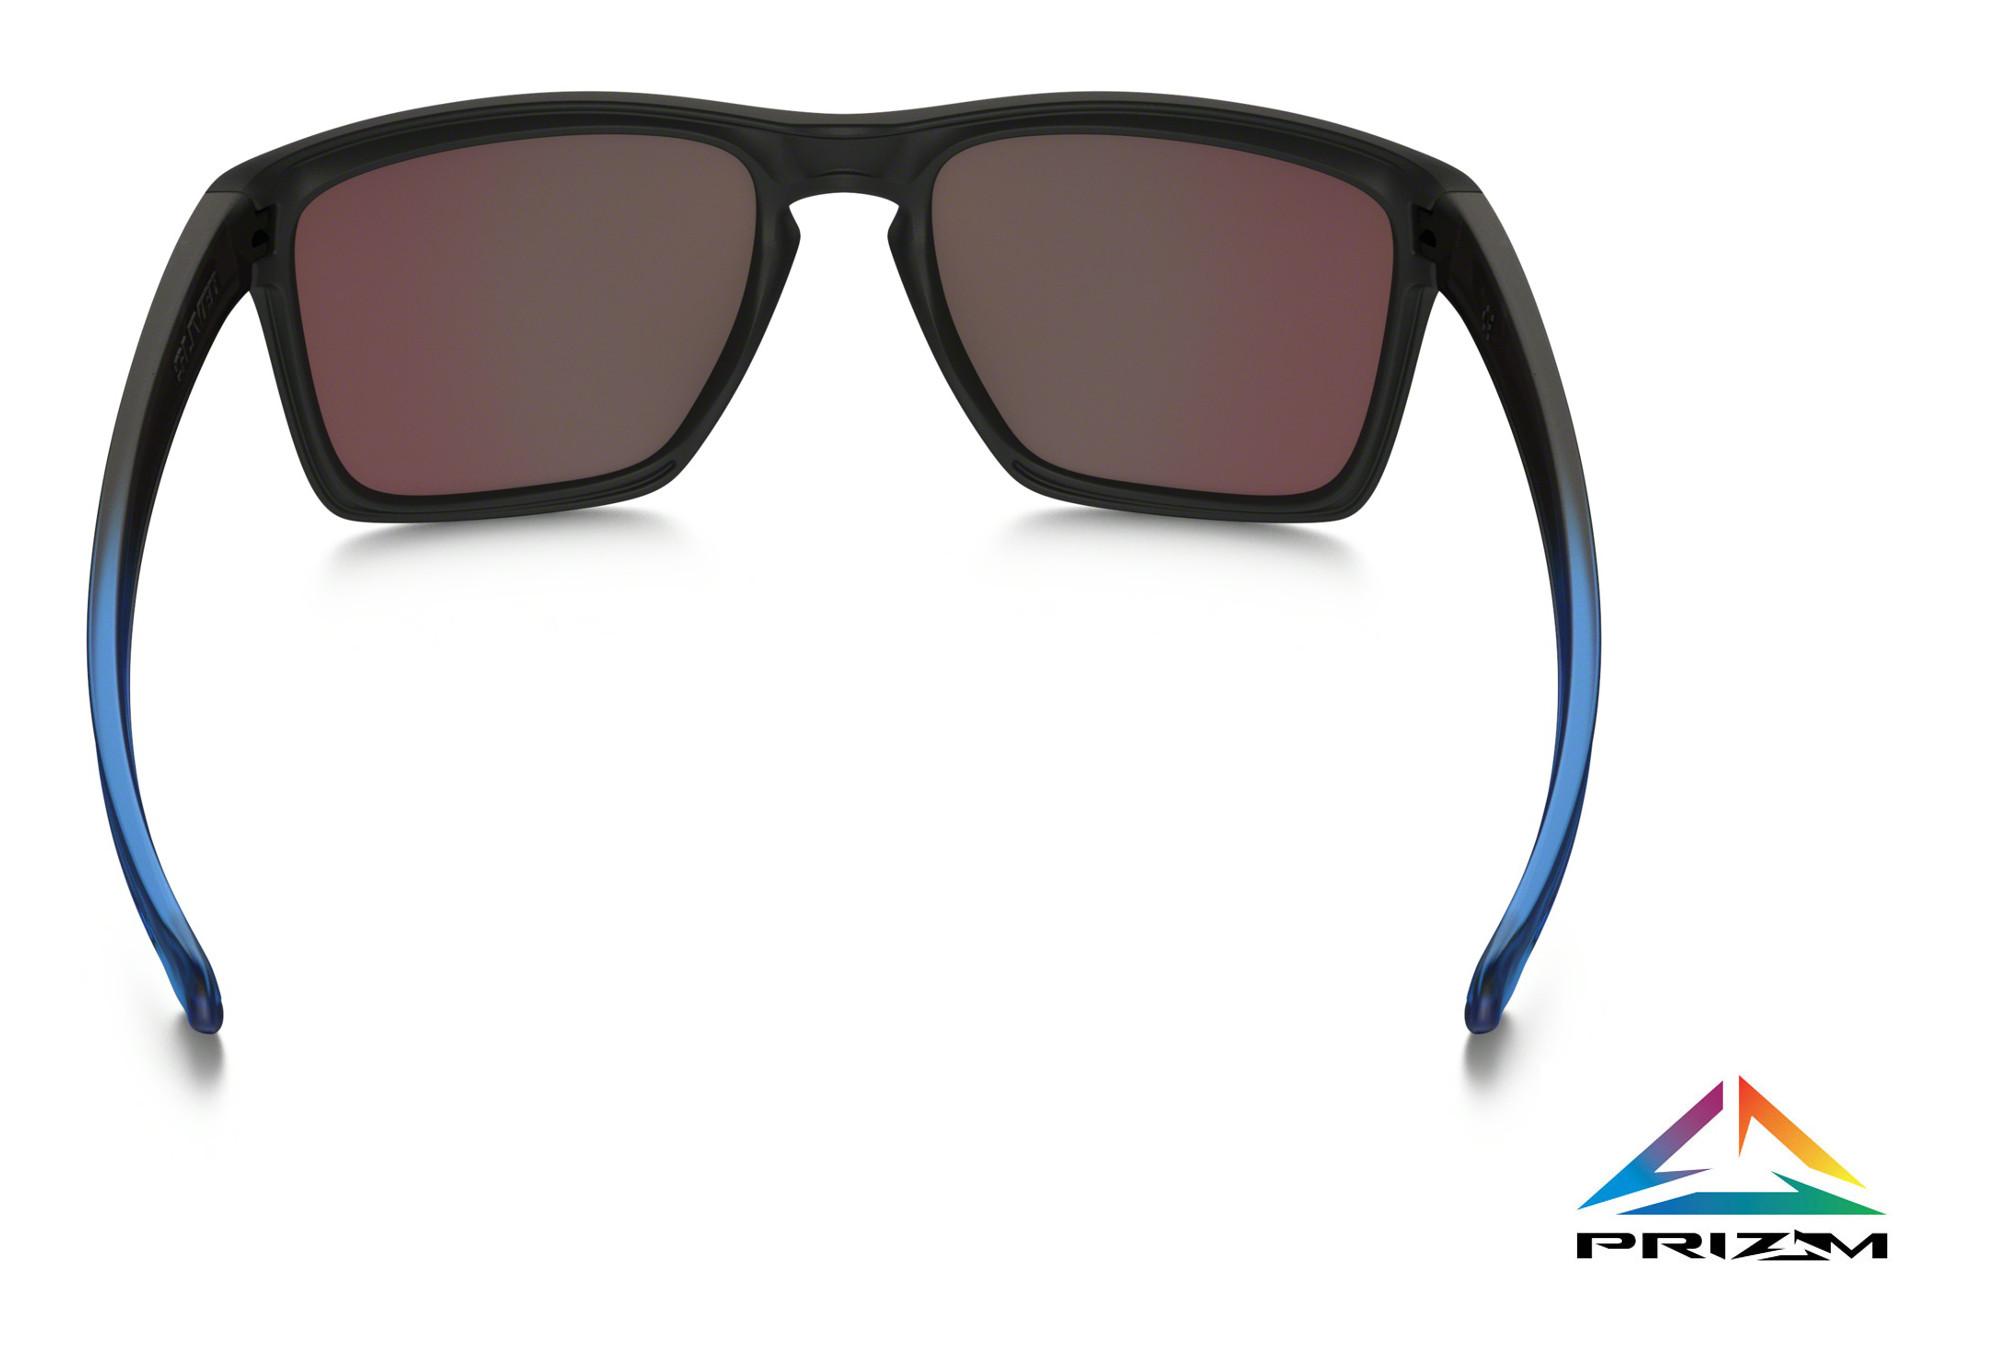 59d7277378 OAKLEY Sunglasses Sliver XL Sapphire Fade Prizm Sapphire Polarized Ref  OO9341-1357